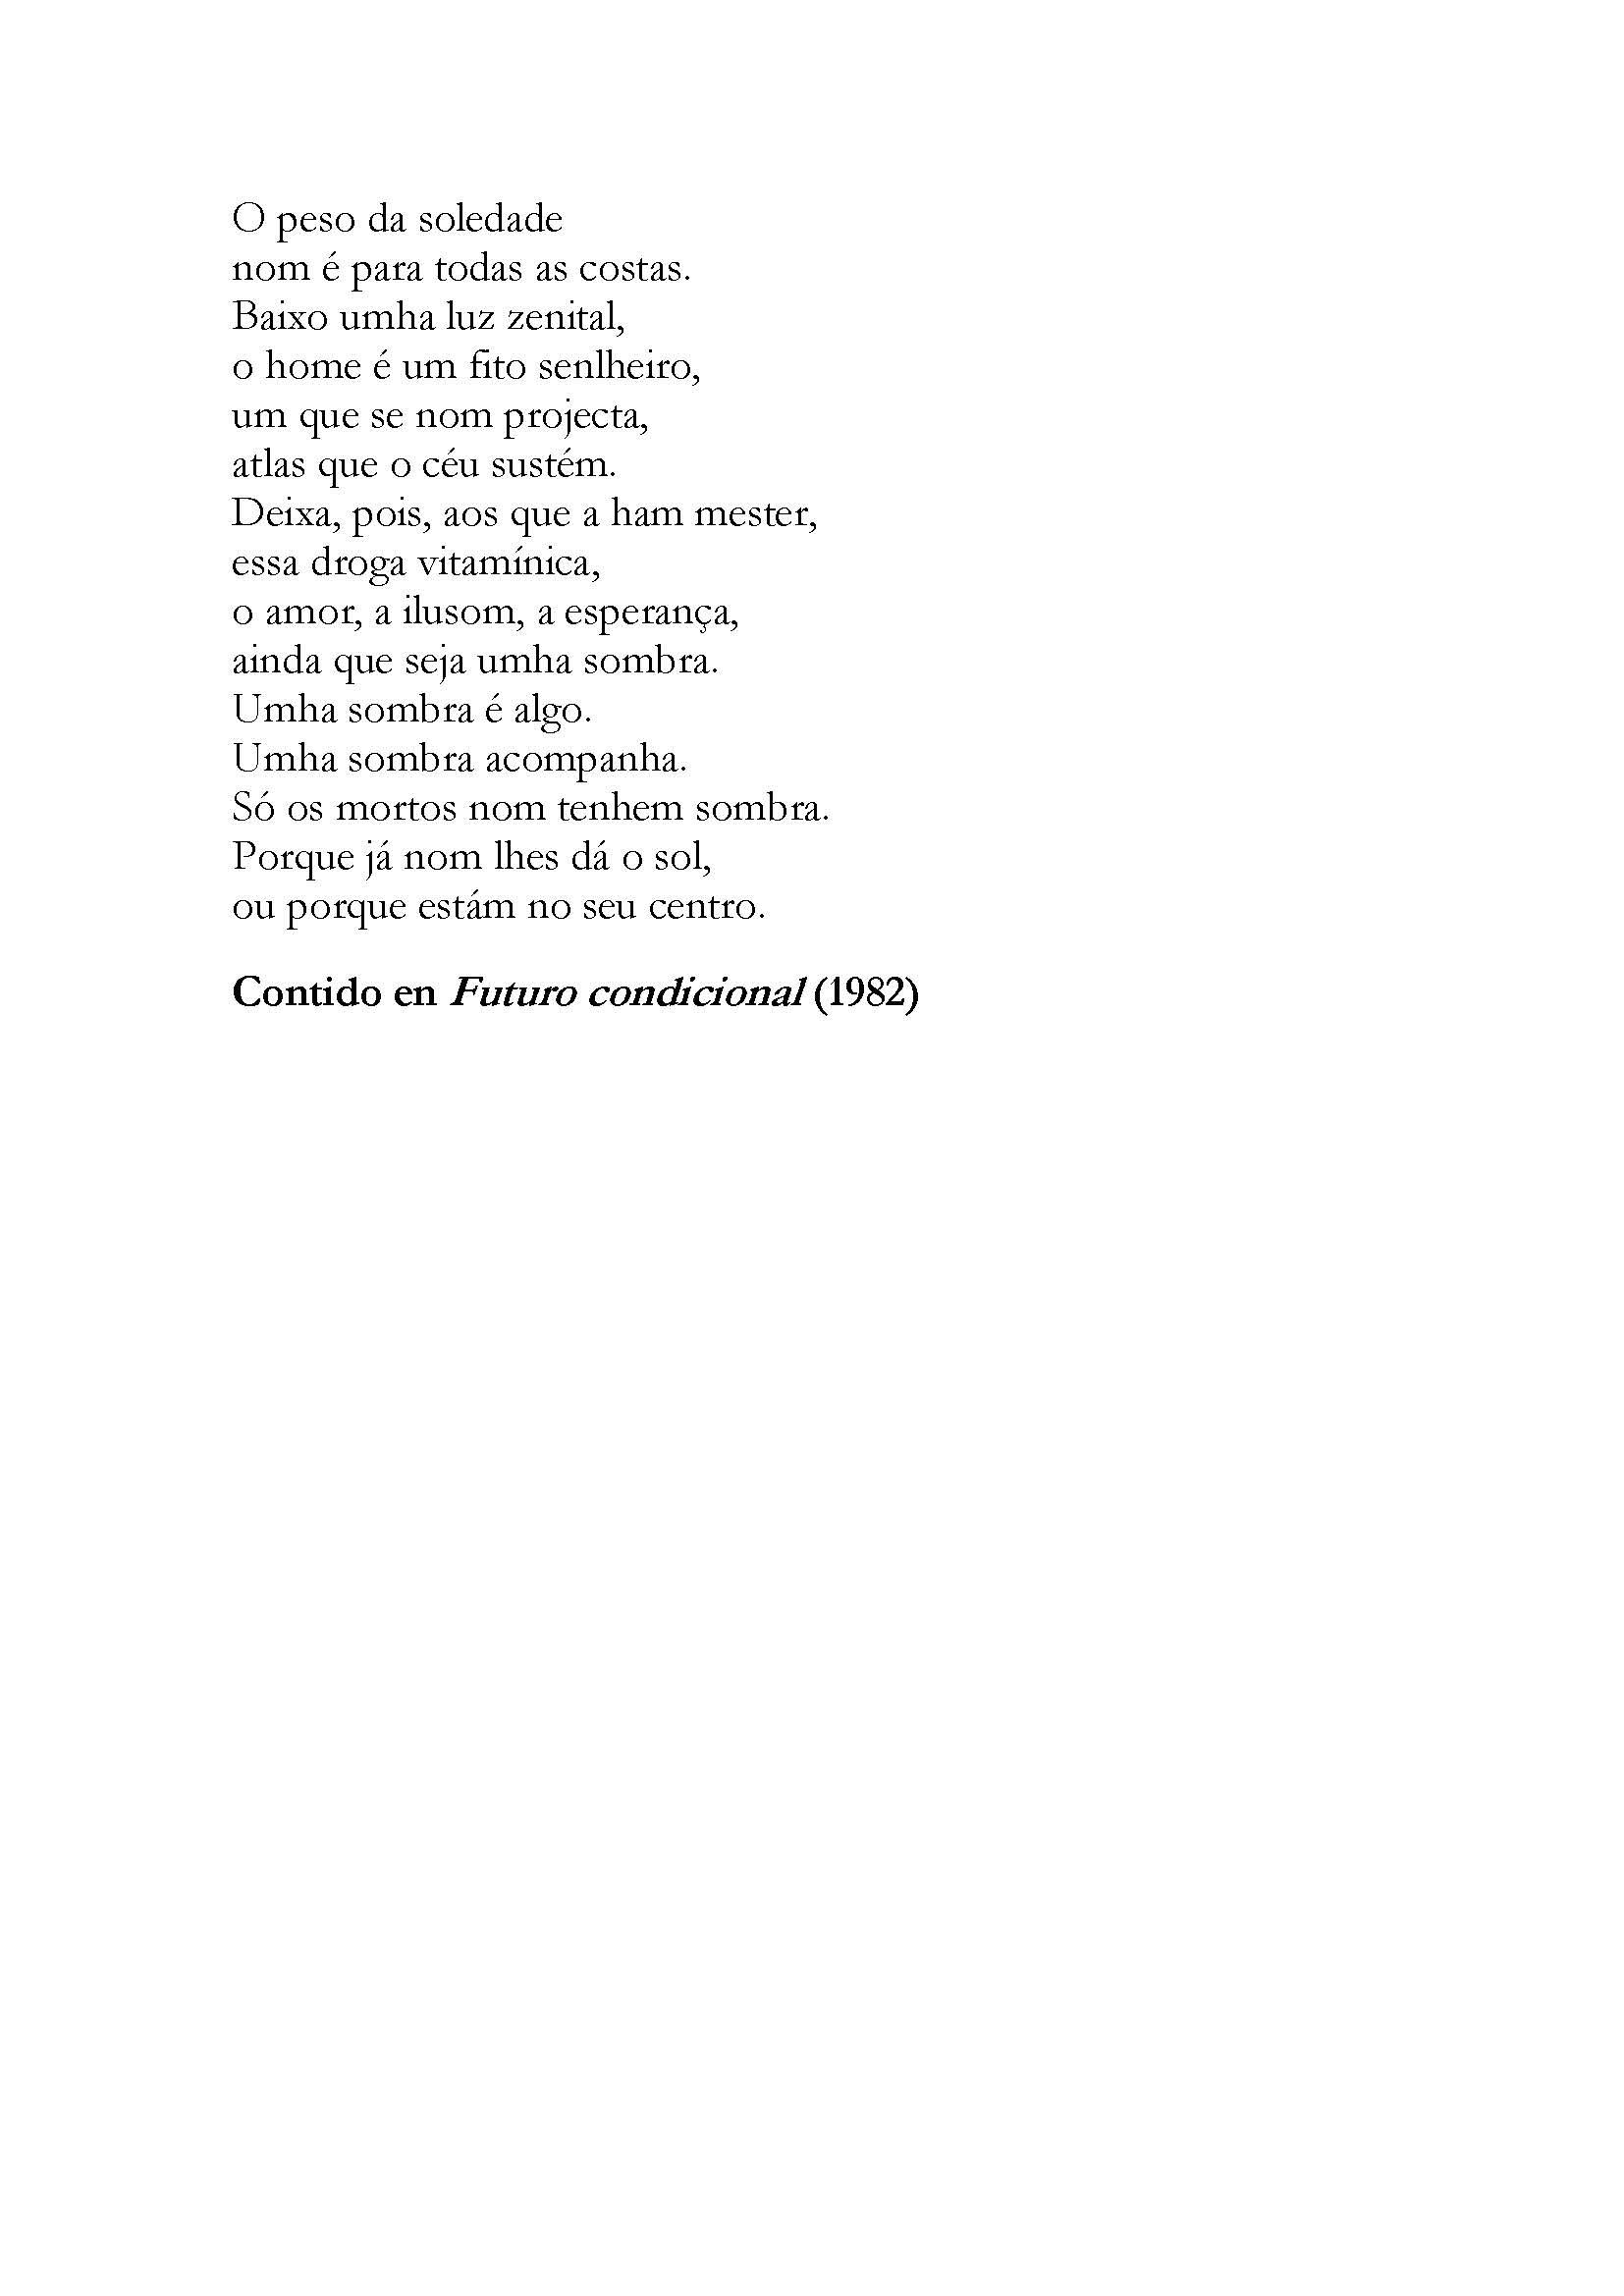 Homenaje13